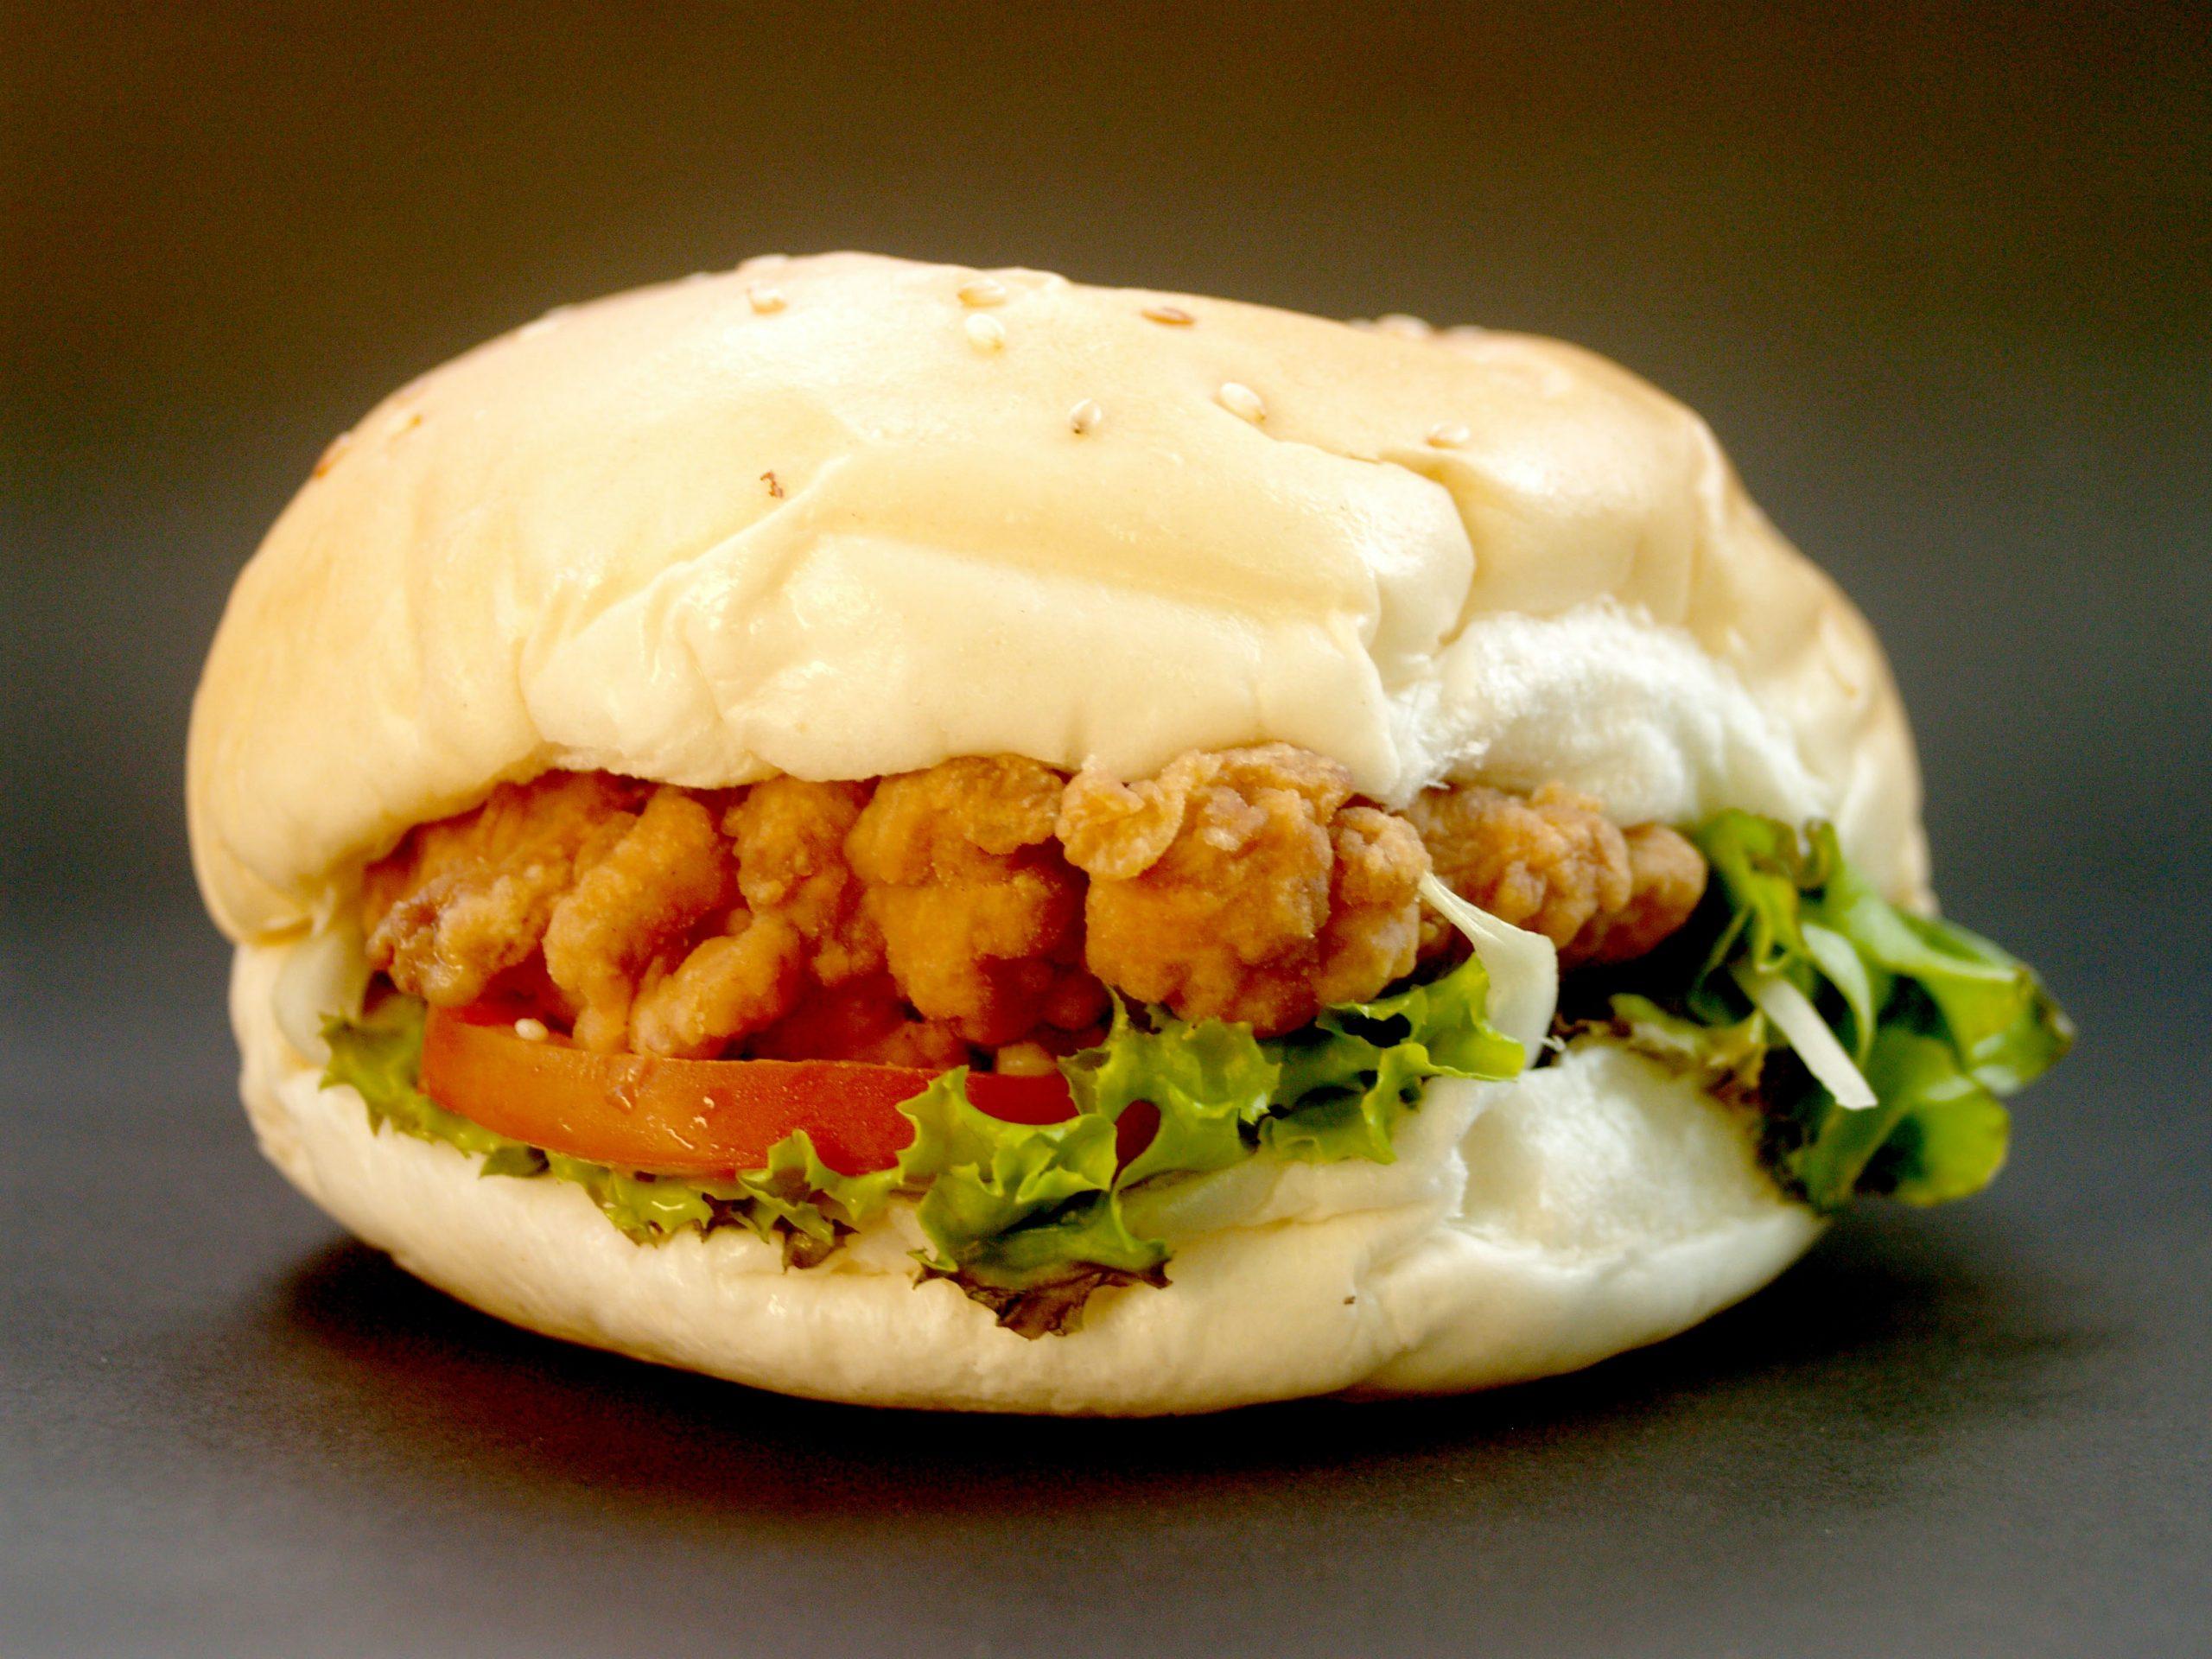 Es real: Popularidad de alitas y chicken sandwich provoca escasez de pollo en EU